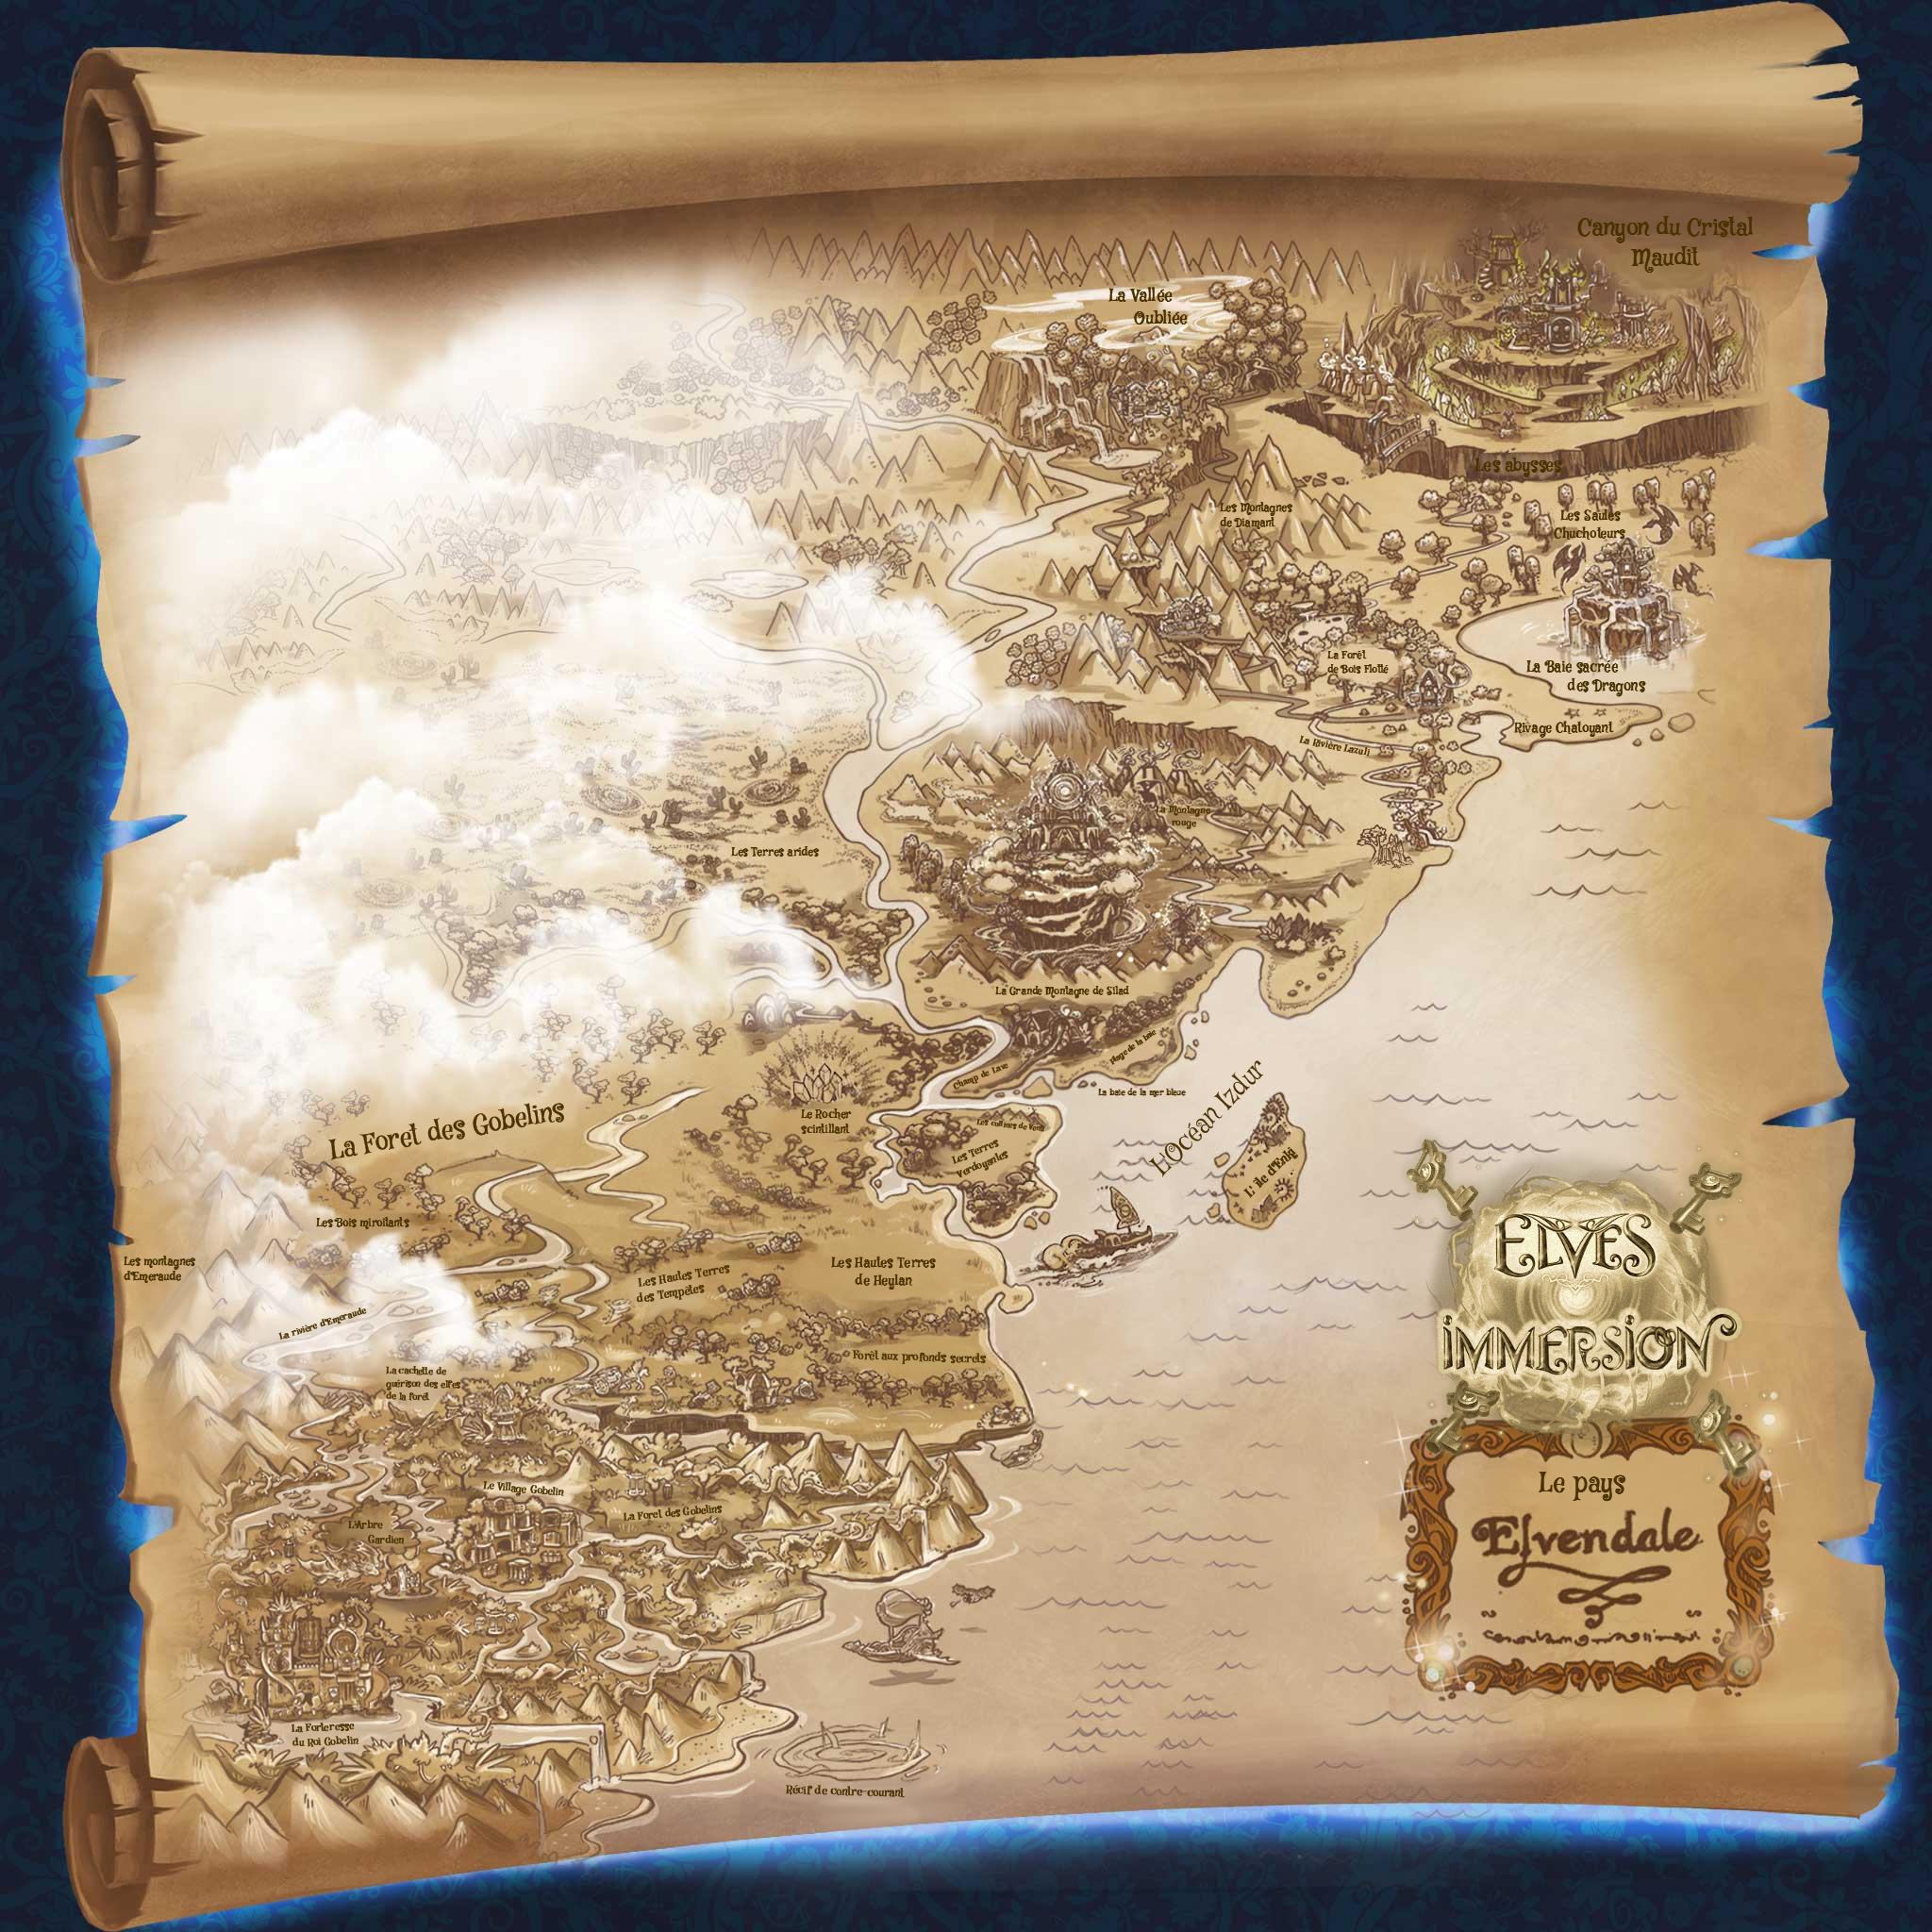 La carte d'Elvendale et ses lieux. CartedElvendale2017